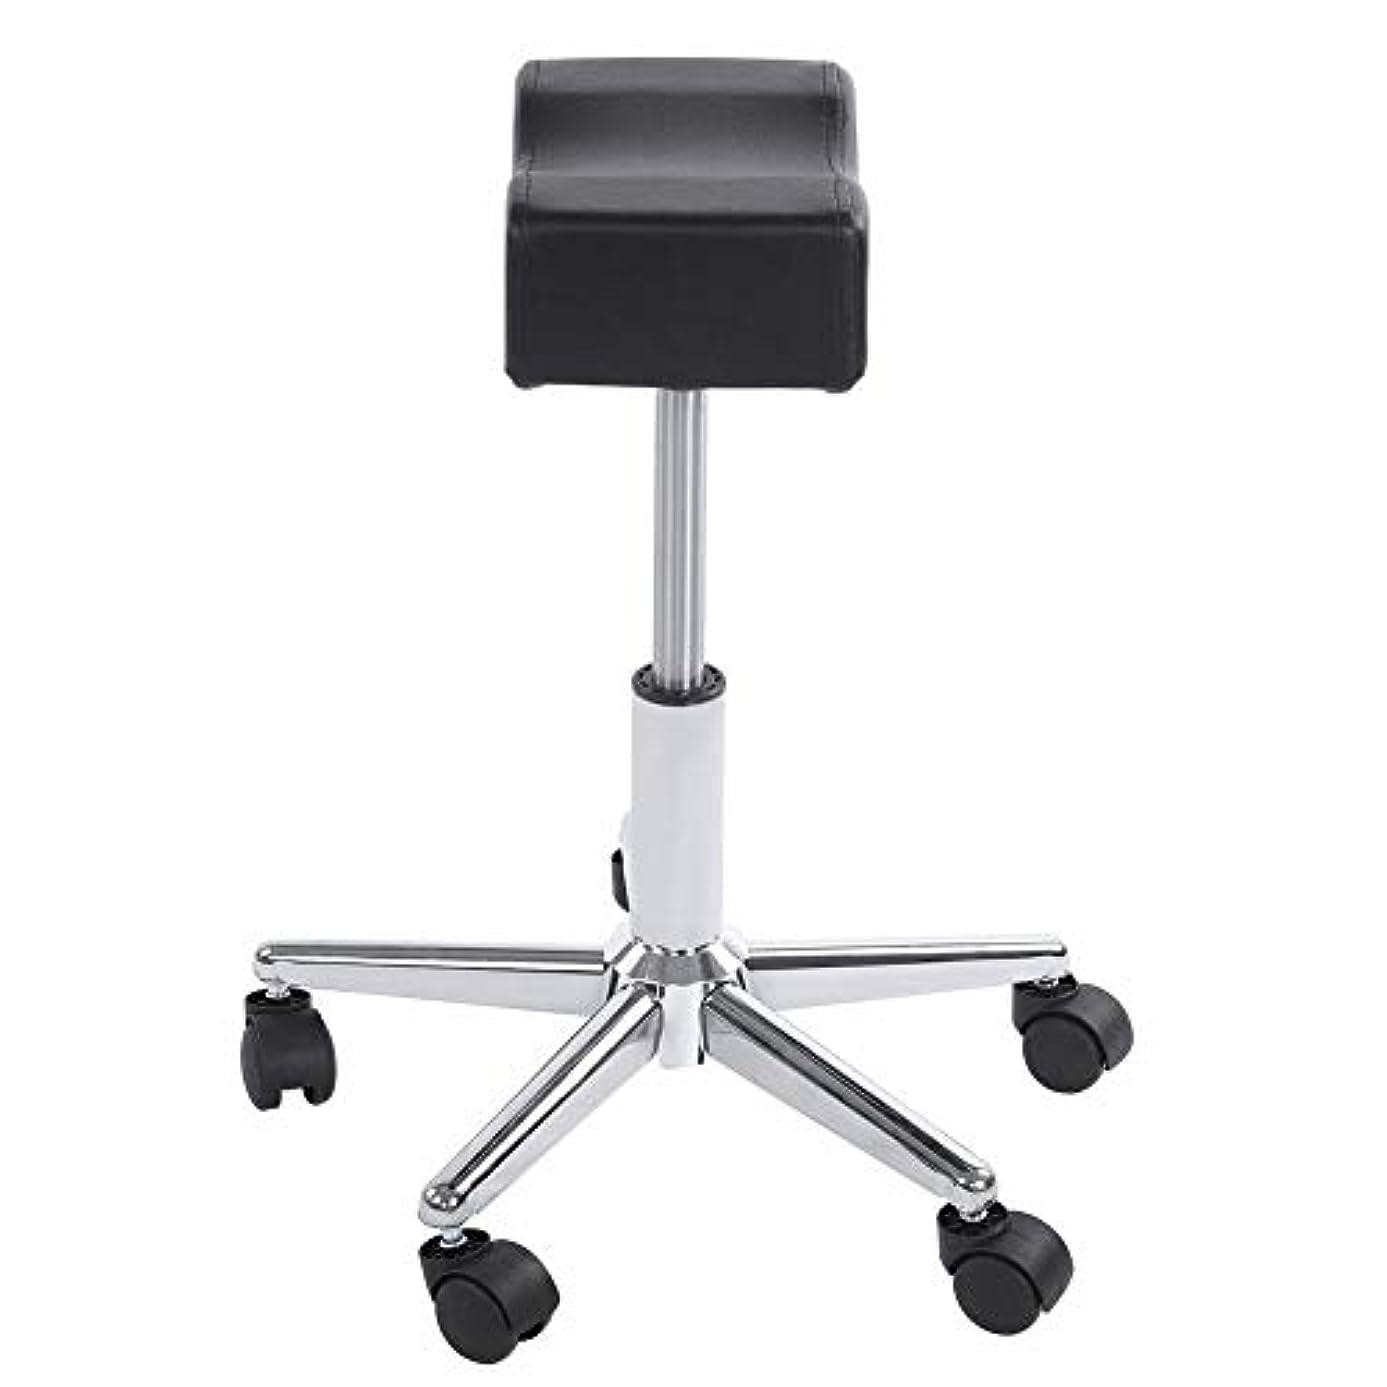 銀行肝土調節可能な椅子、高さ調節可能なローリングチェアホーム用可動ホイール付きの快適なシートクッションスツール